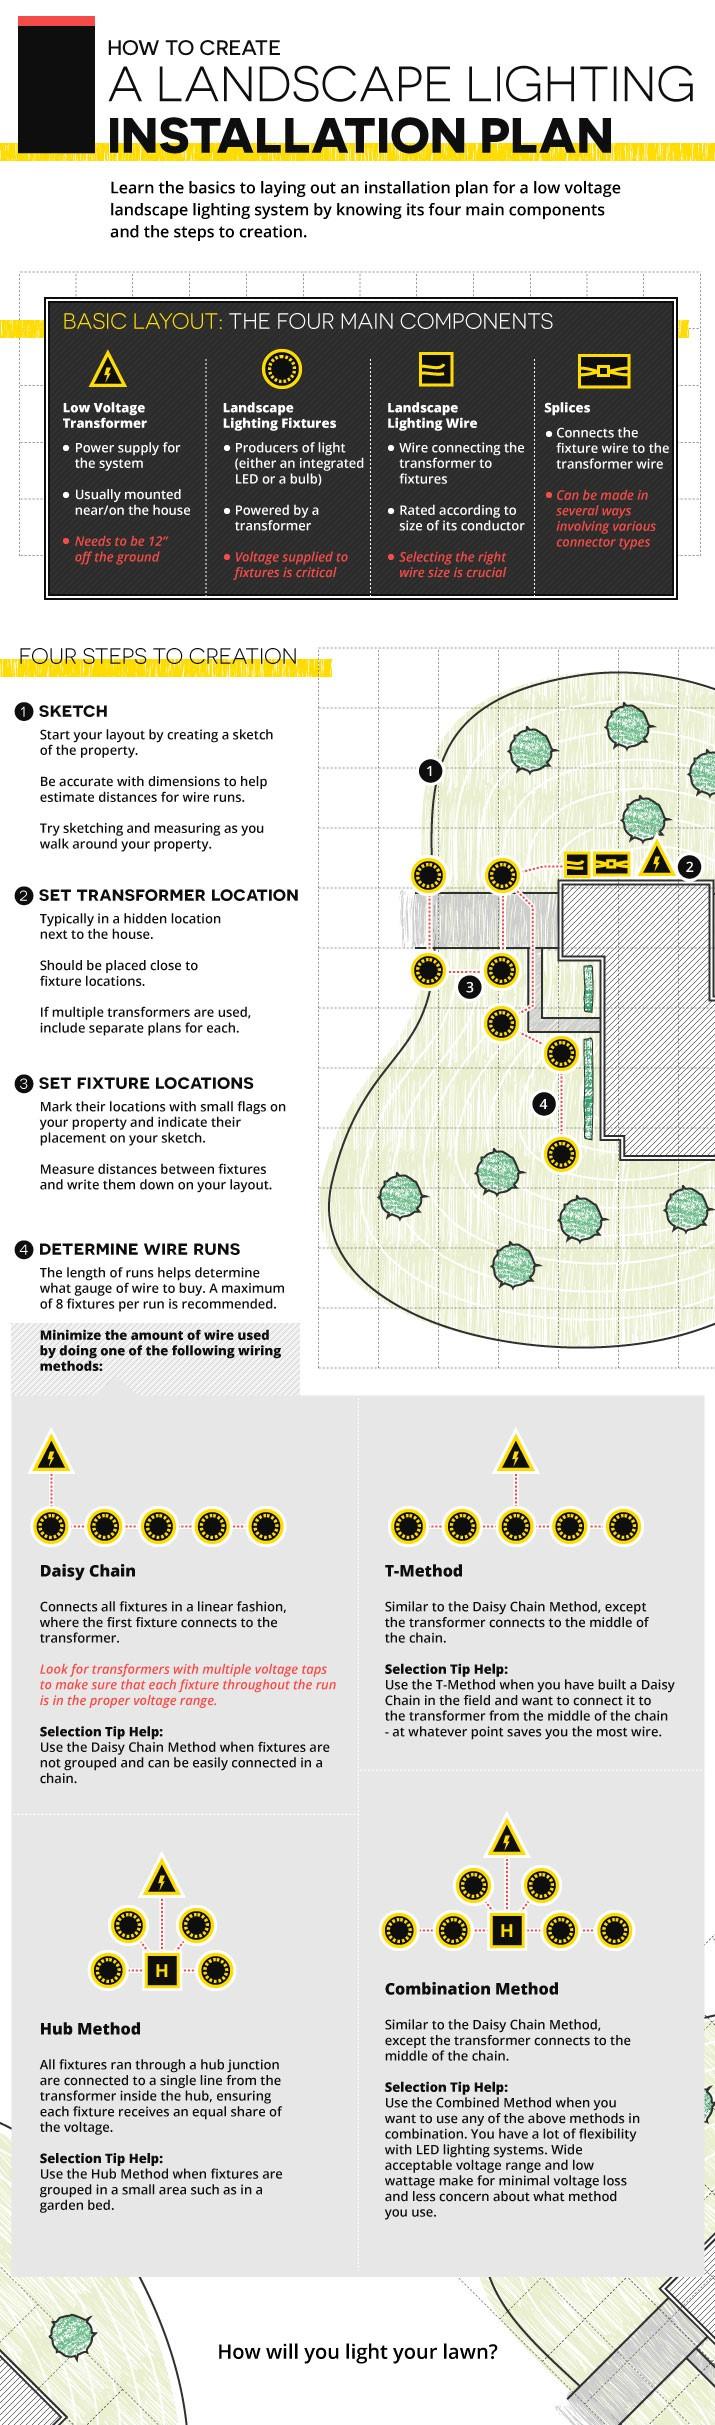 landscape lighting installation plan